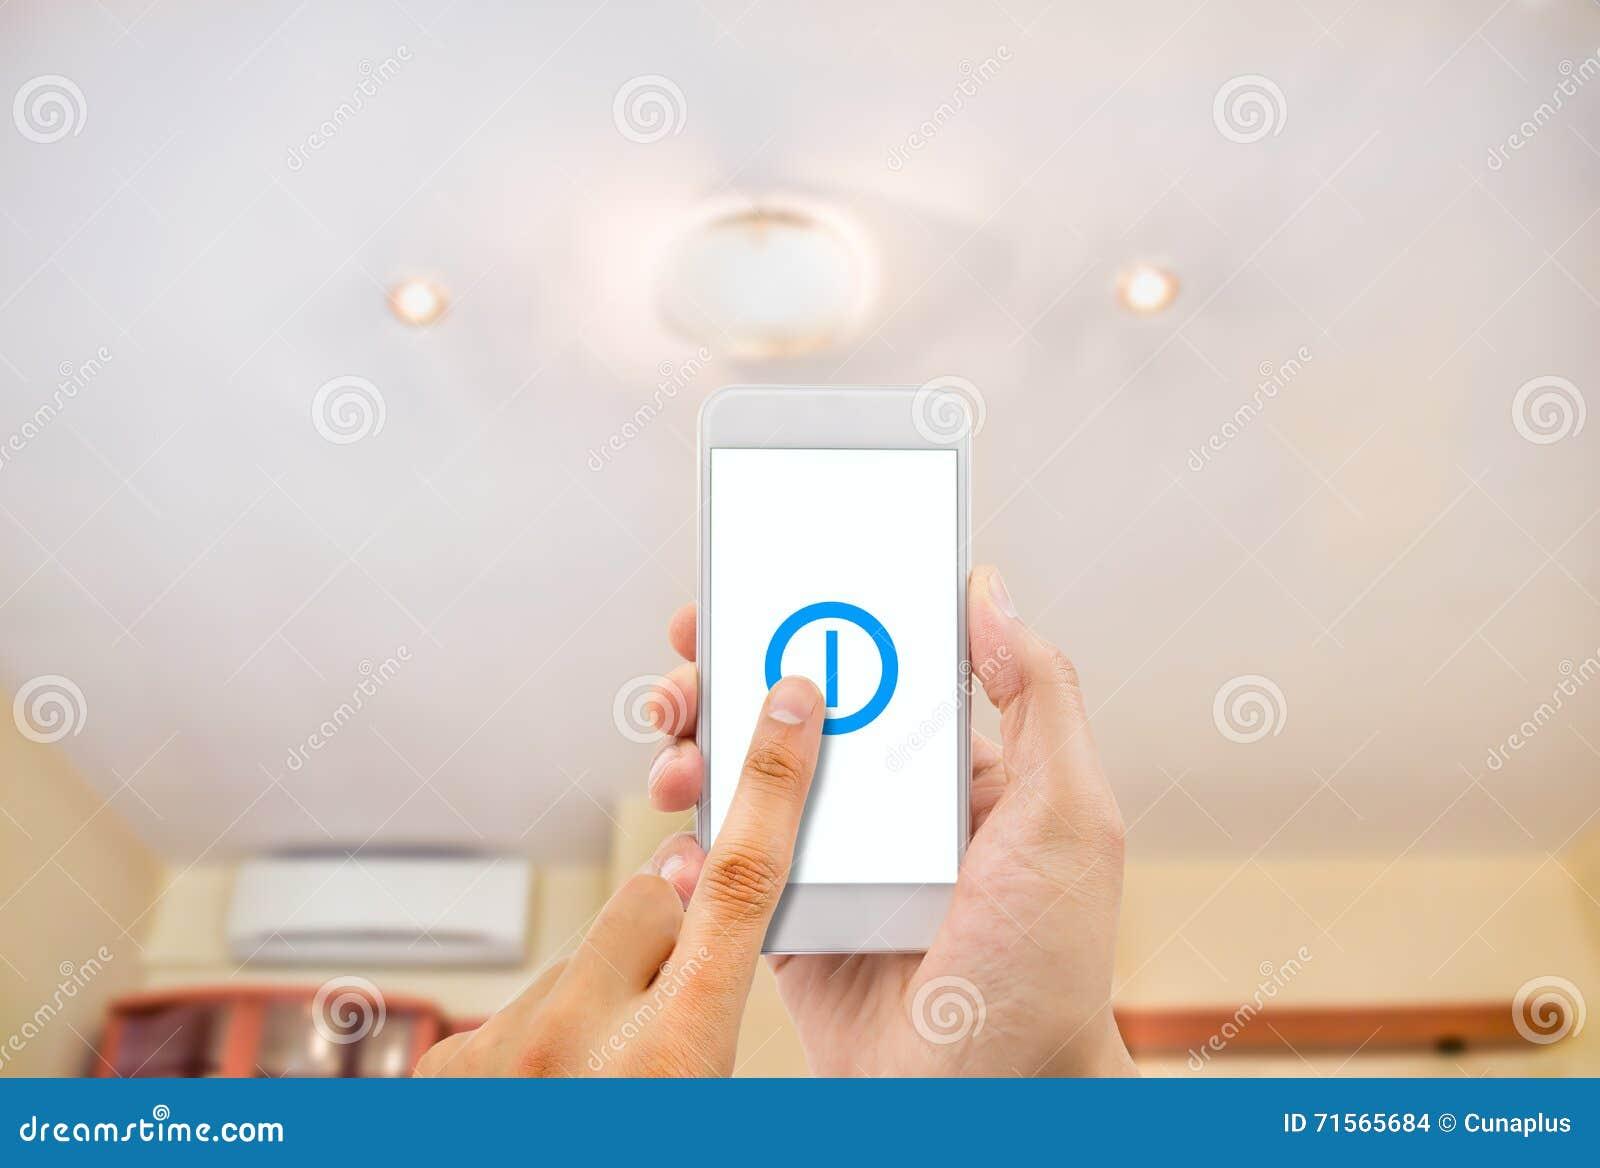 Smartphone контролируя свет